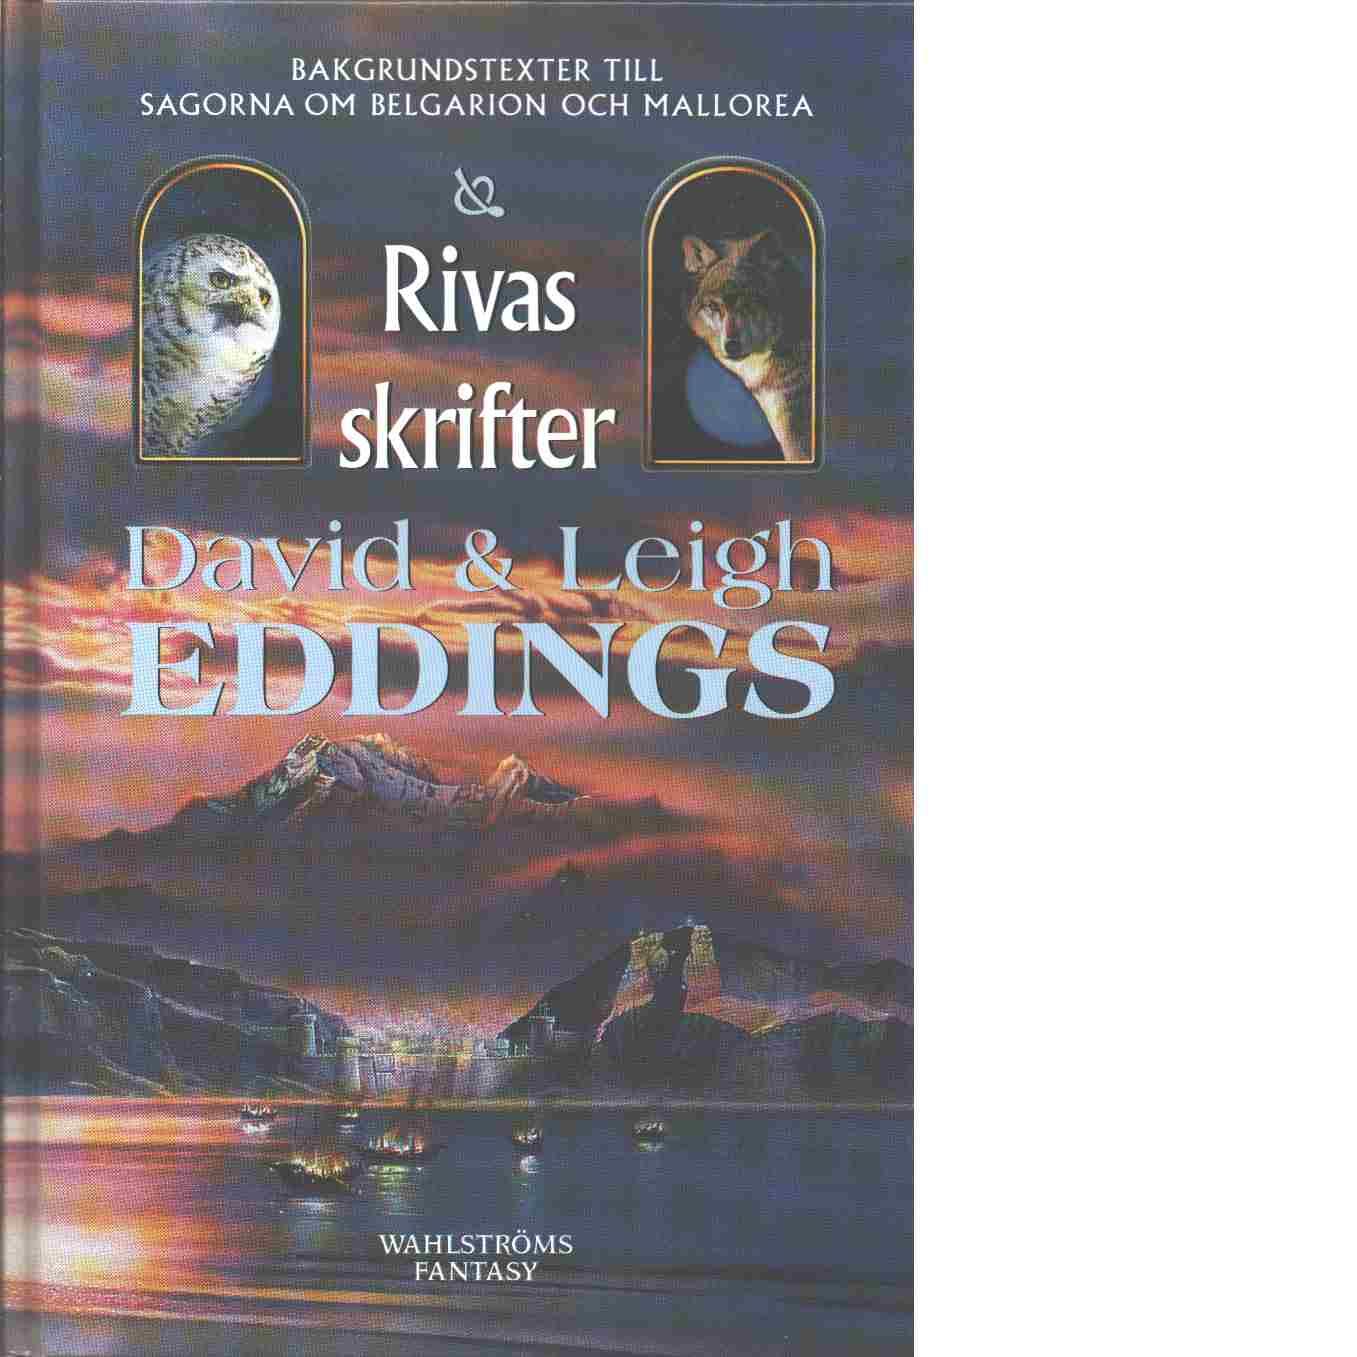 Rivas skrifter : bakgrundstexterna till sagorna om Belgarion och Mallorea - Eddings, David  och Eddings, Leigh